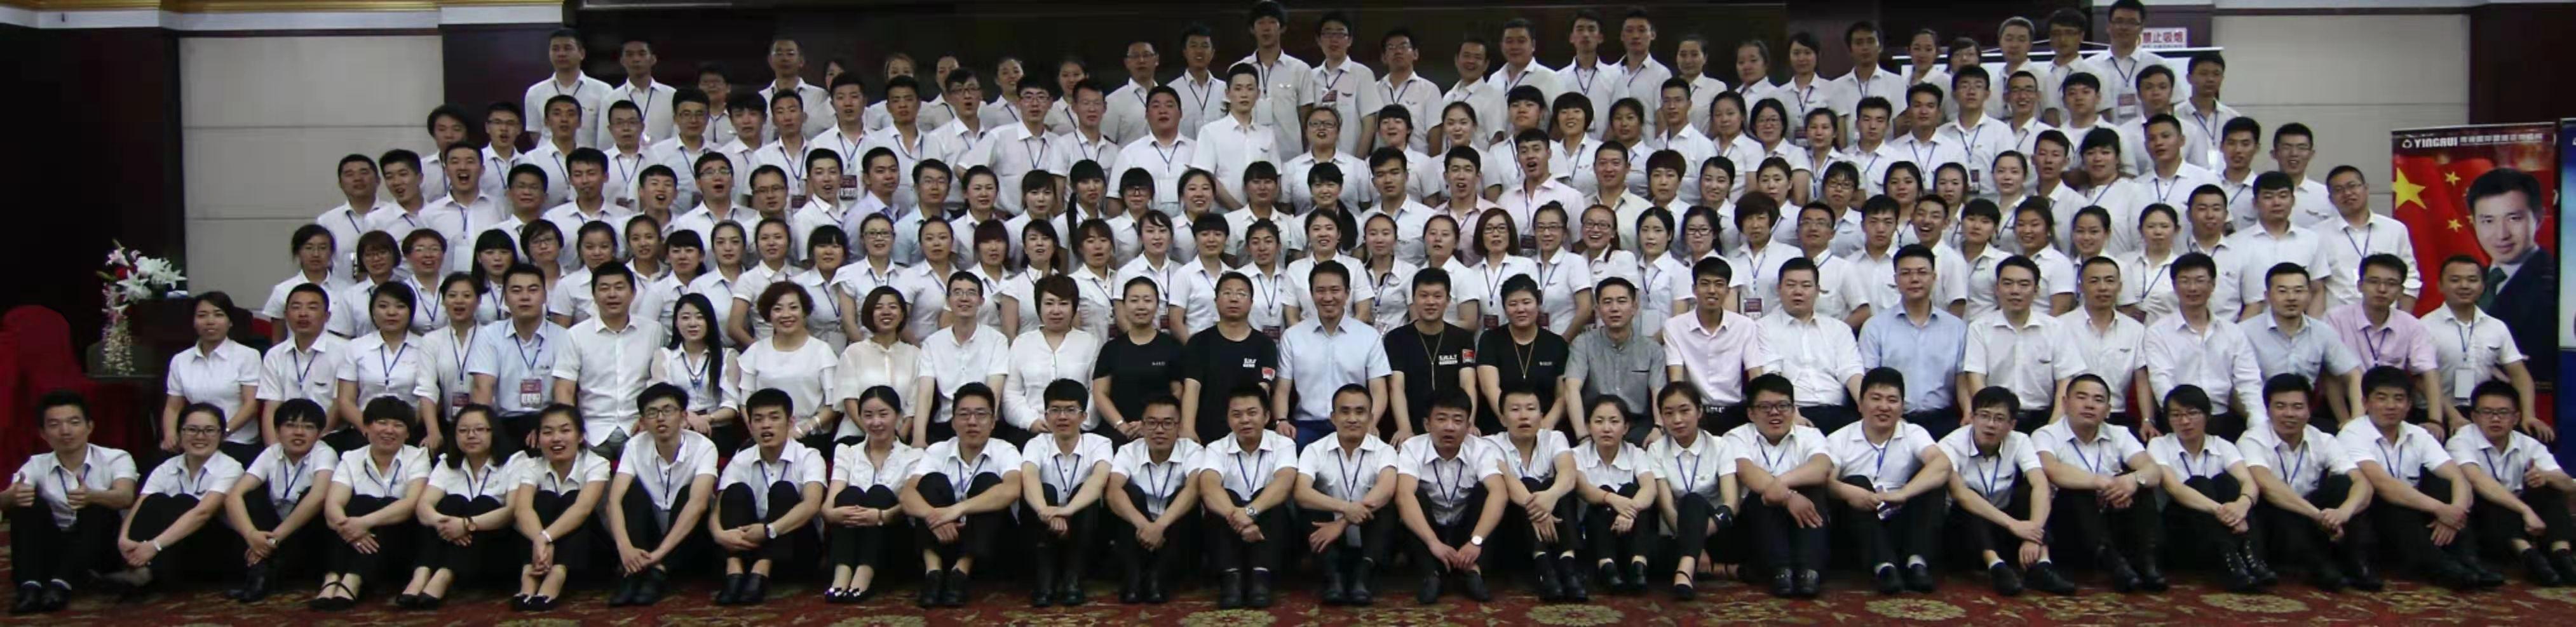 北京万博客户端手机版管理培训